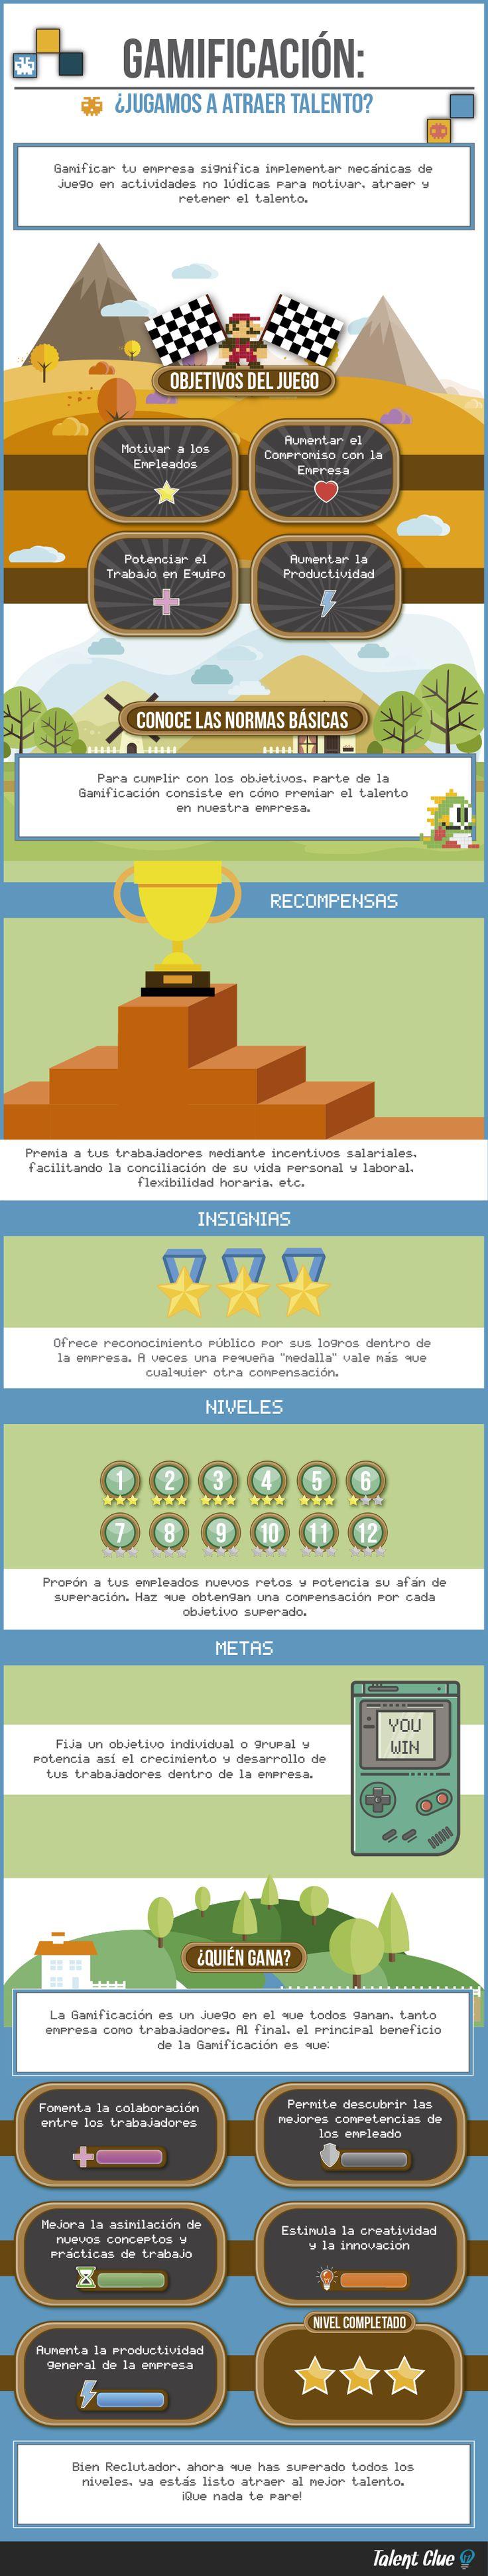 Gamificación: ¿jugamos a atraer talento? #infografia #infographic #rrhh | TICs y Formación